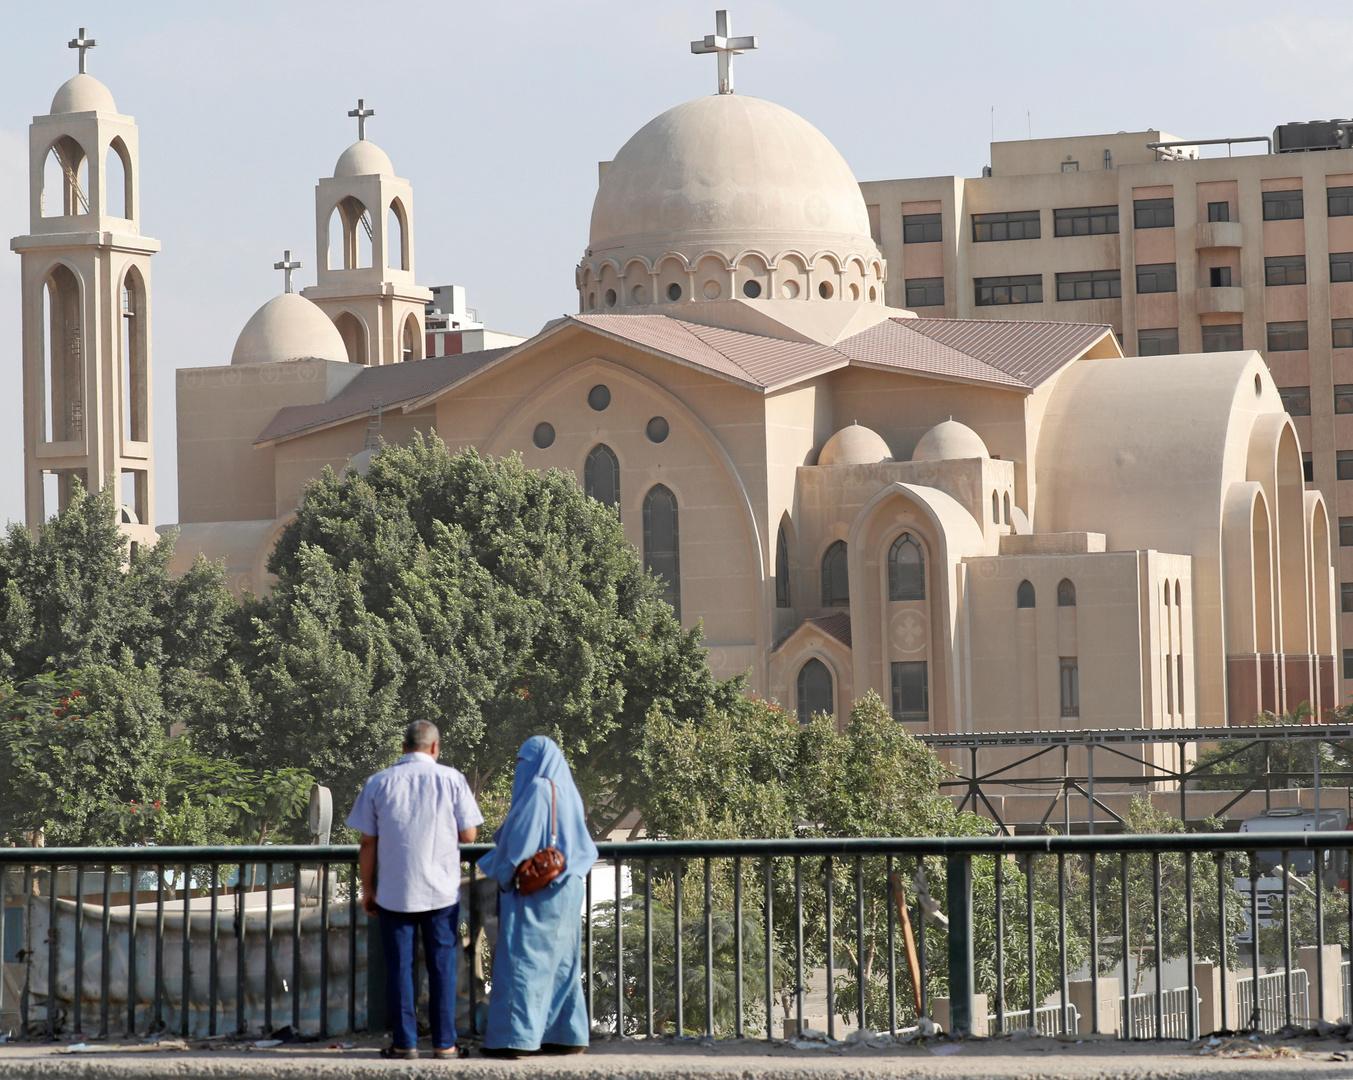 مصر.. تداول فيديو لكنيسة تستخدم أطفالا لتمثيل مشهد ذبح الأقباط في ليبيا